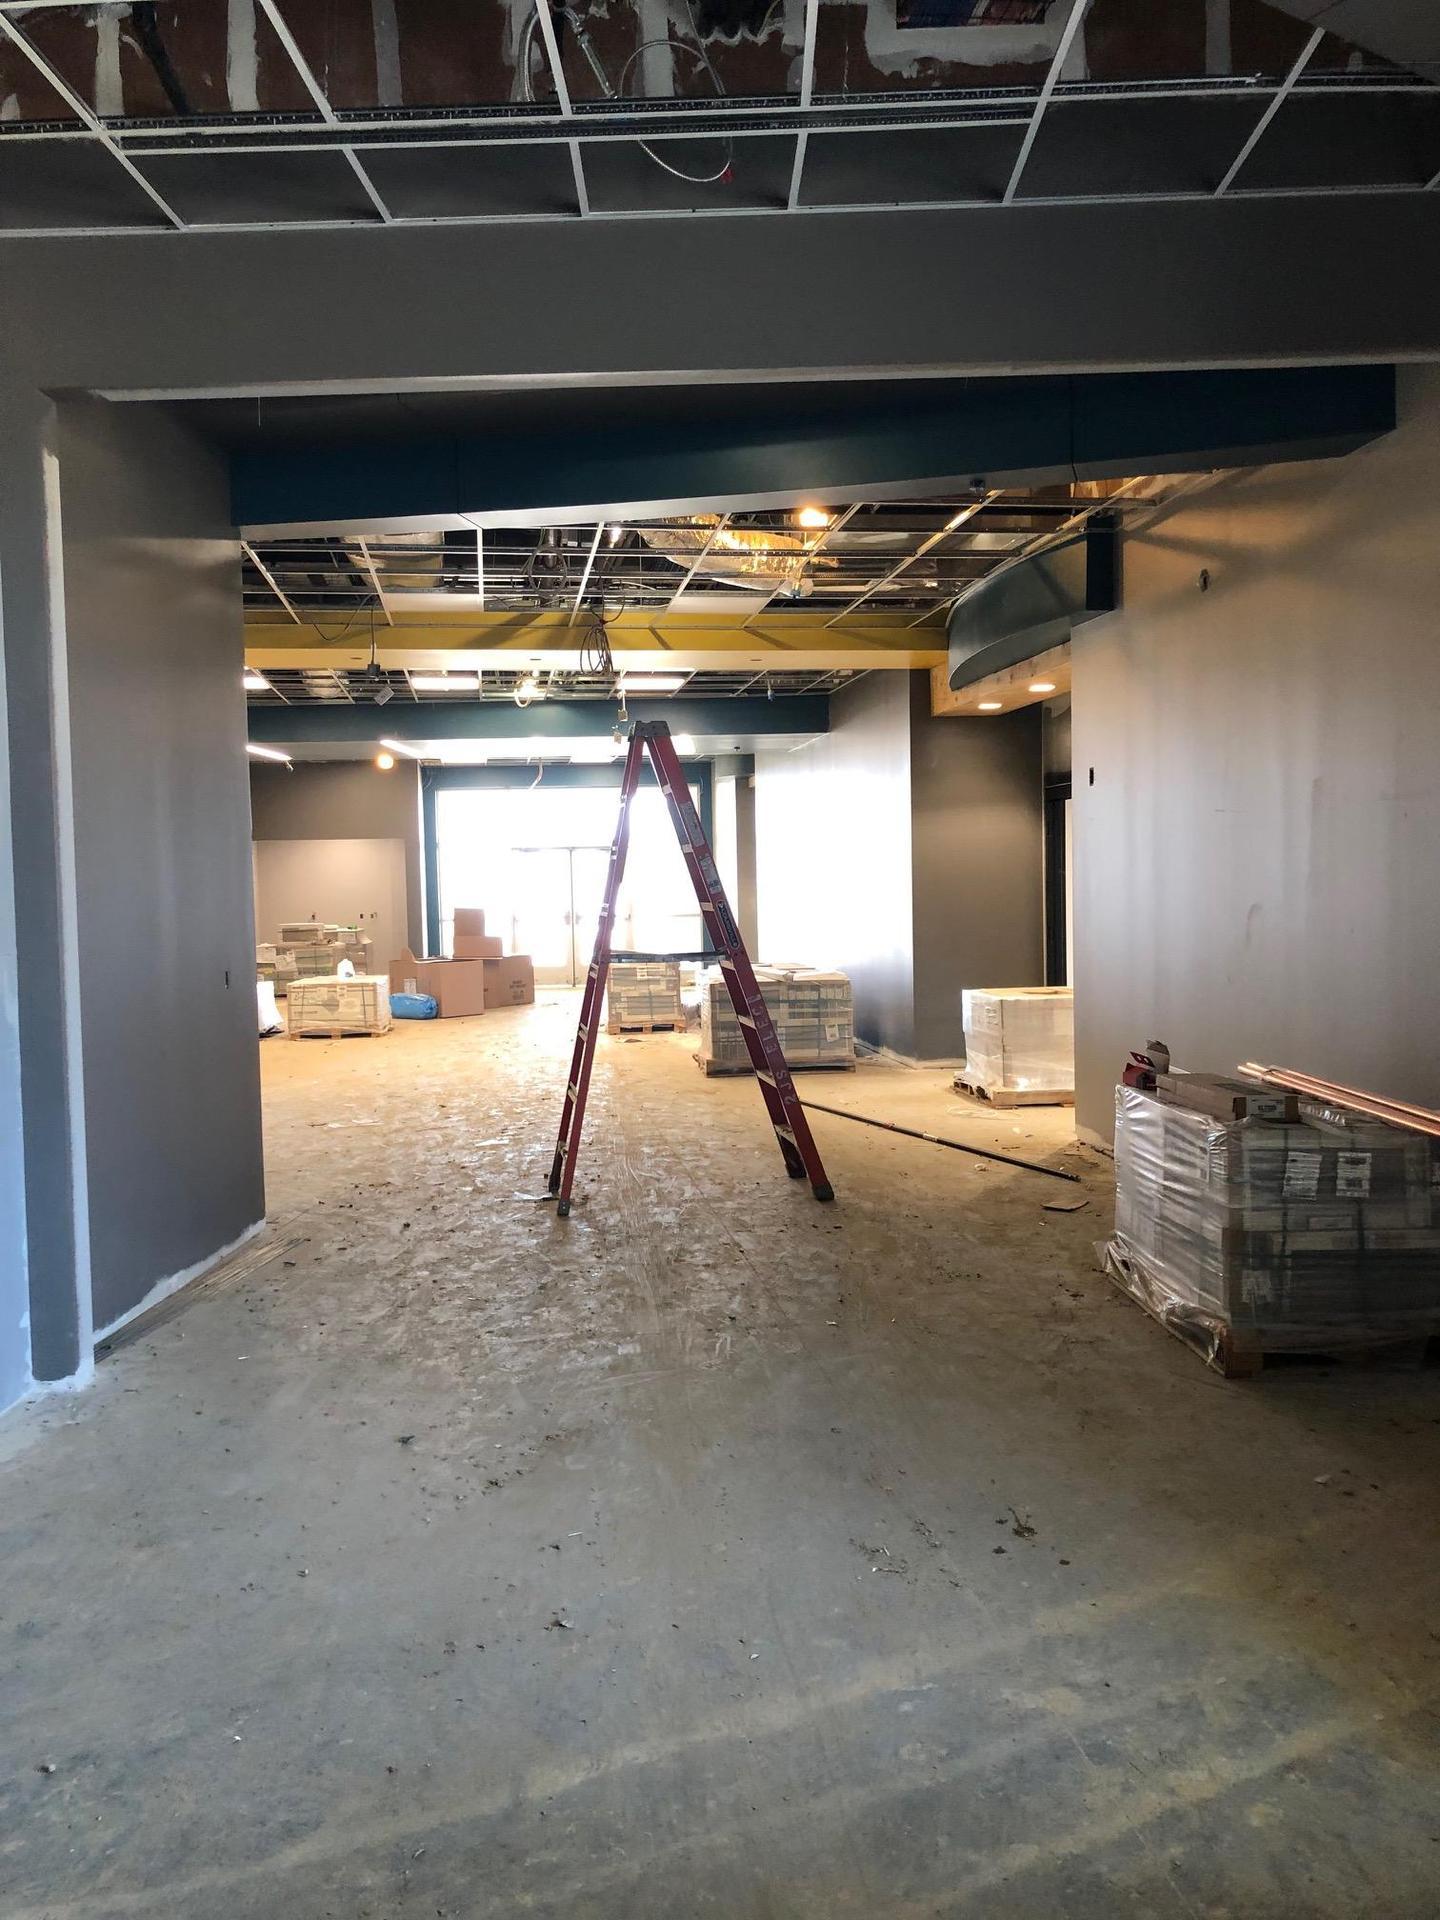 Morrow Elementary Construction